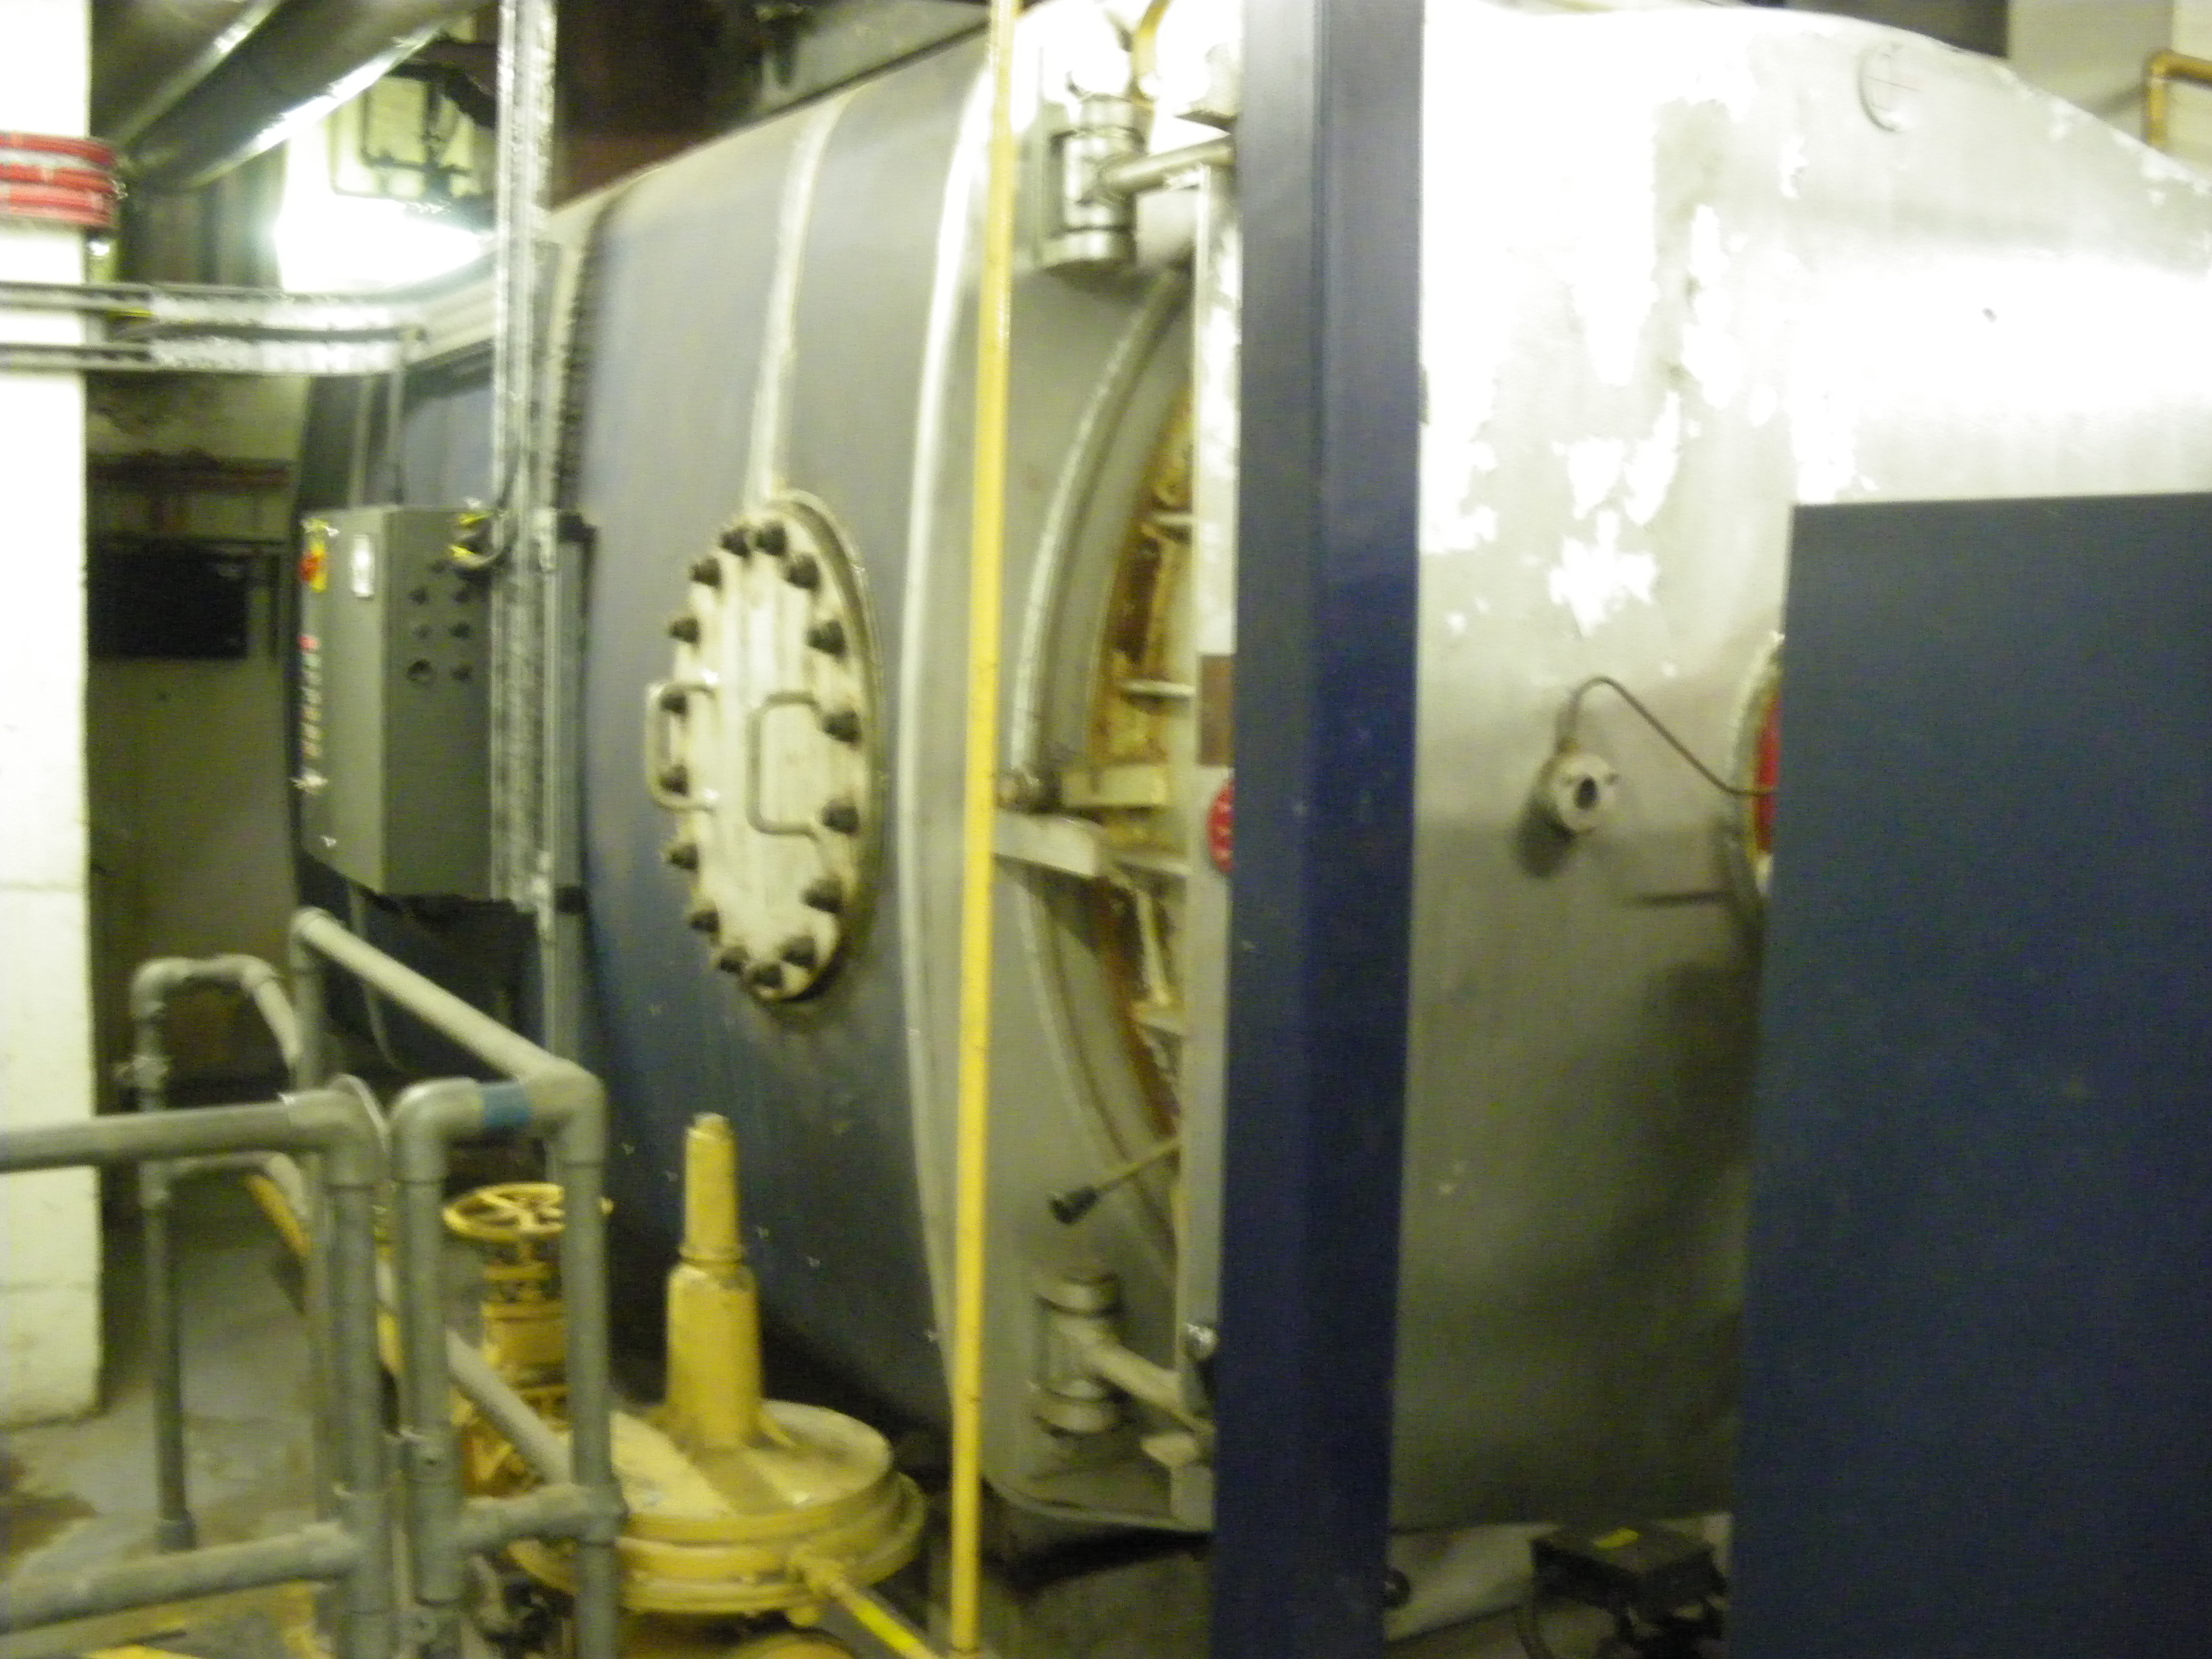 Boiler no. 1